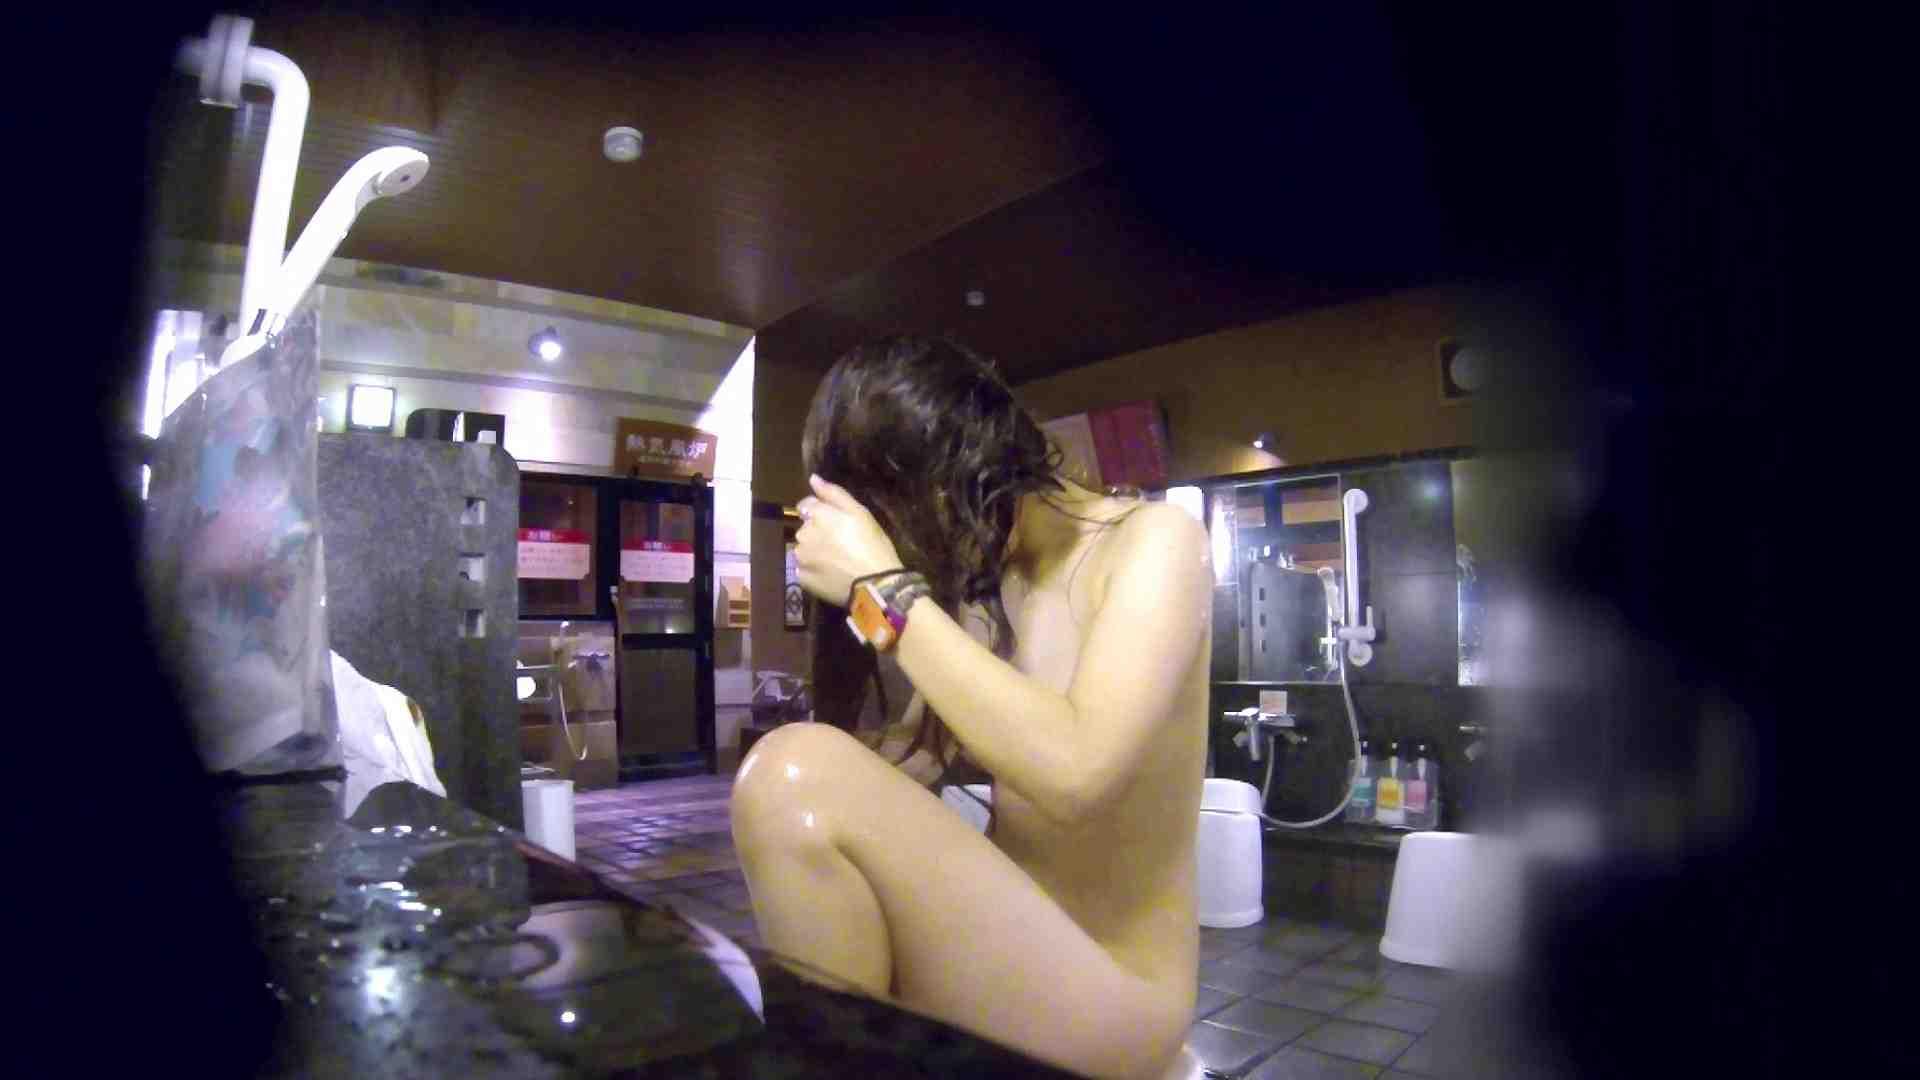 洗い場!腹肉をオッパイにしようとしてますが無理でしょうね。 細身・スレンダー AV無料動画キャプチャ 95画像 53